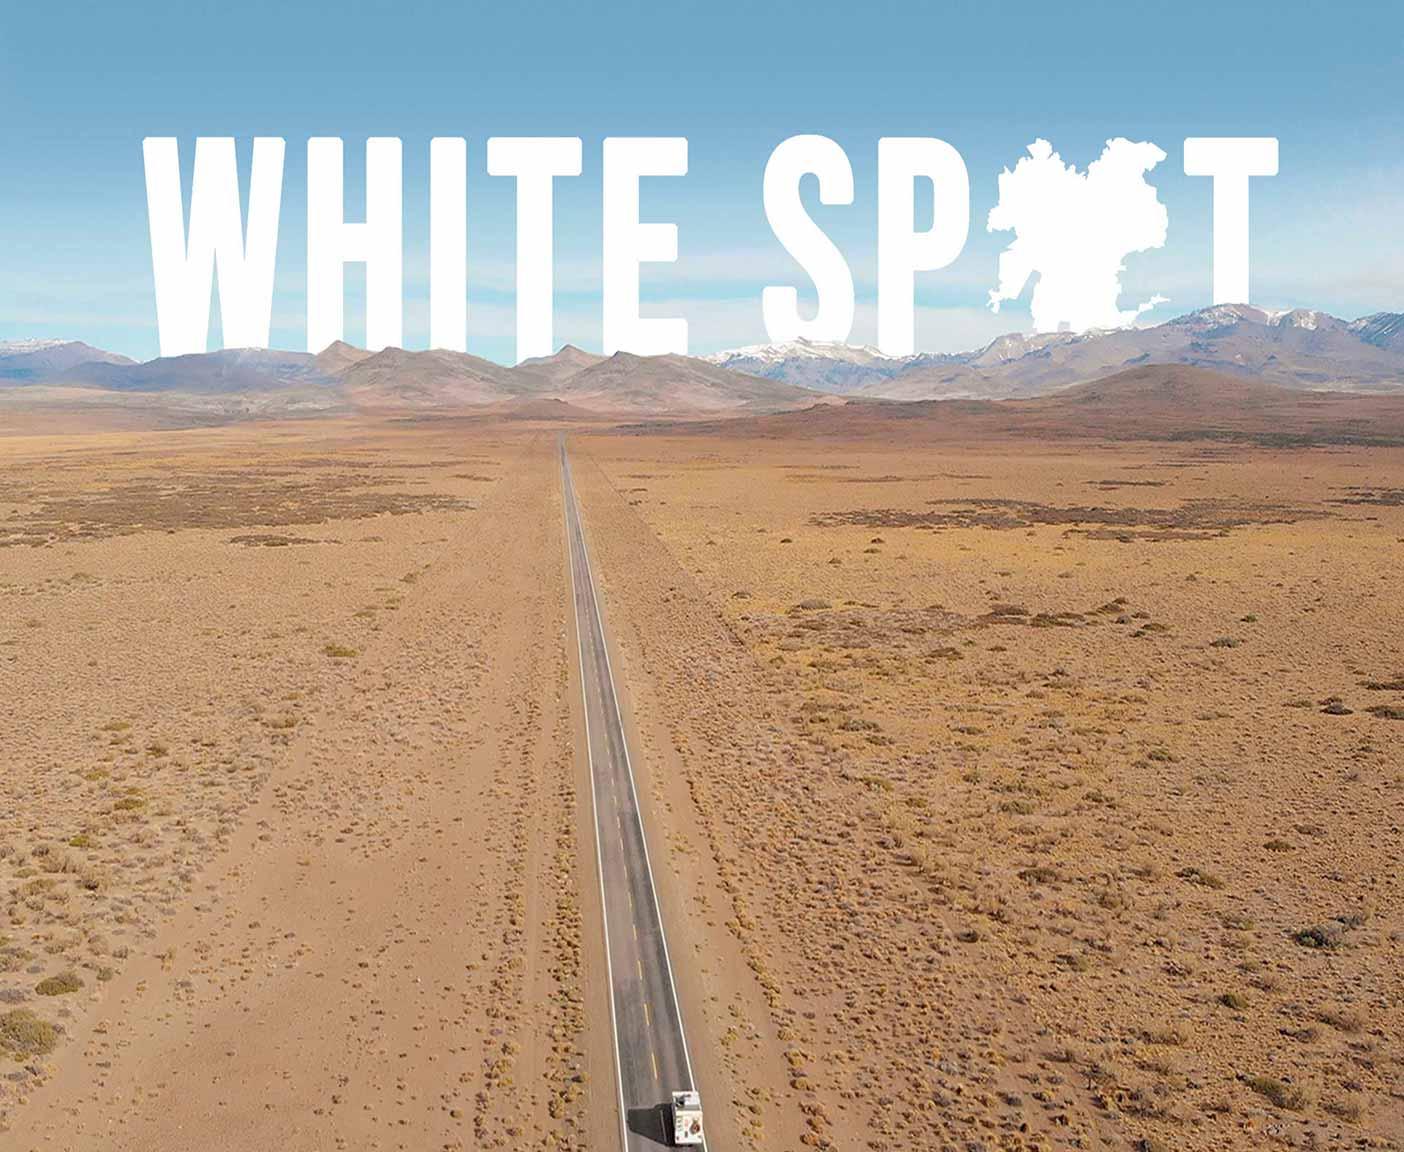 white-spot-film-reisedokumentation-campervan-cover-2